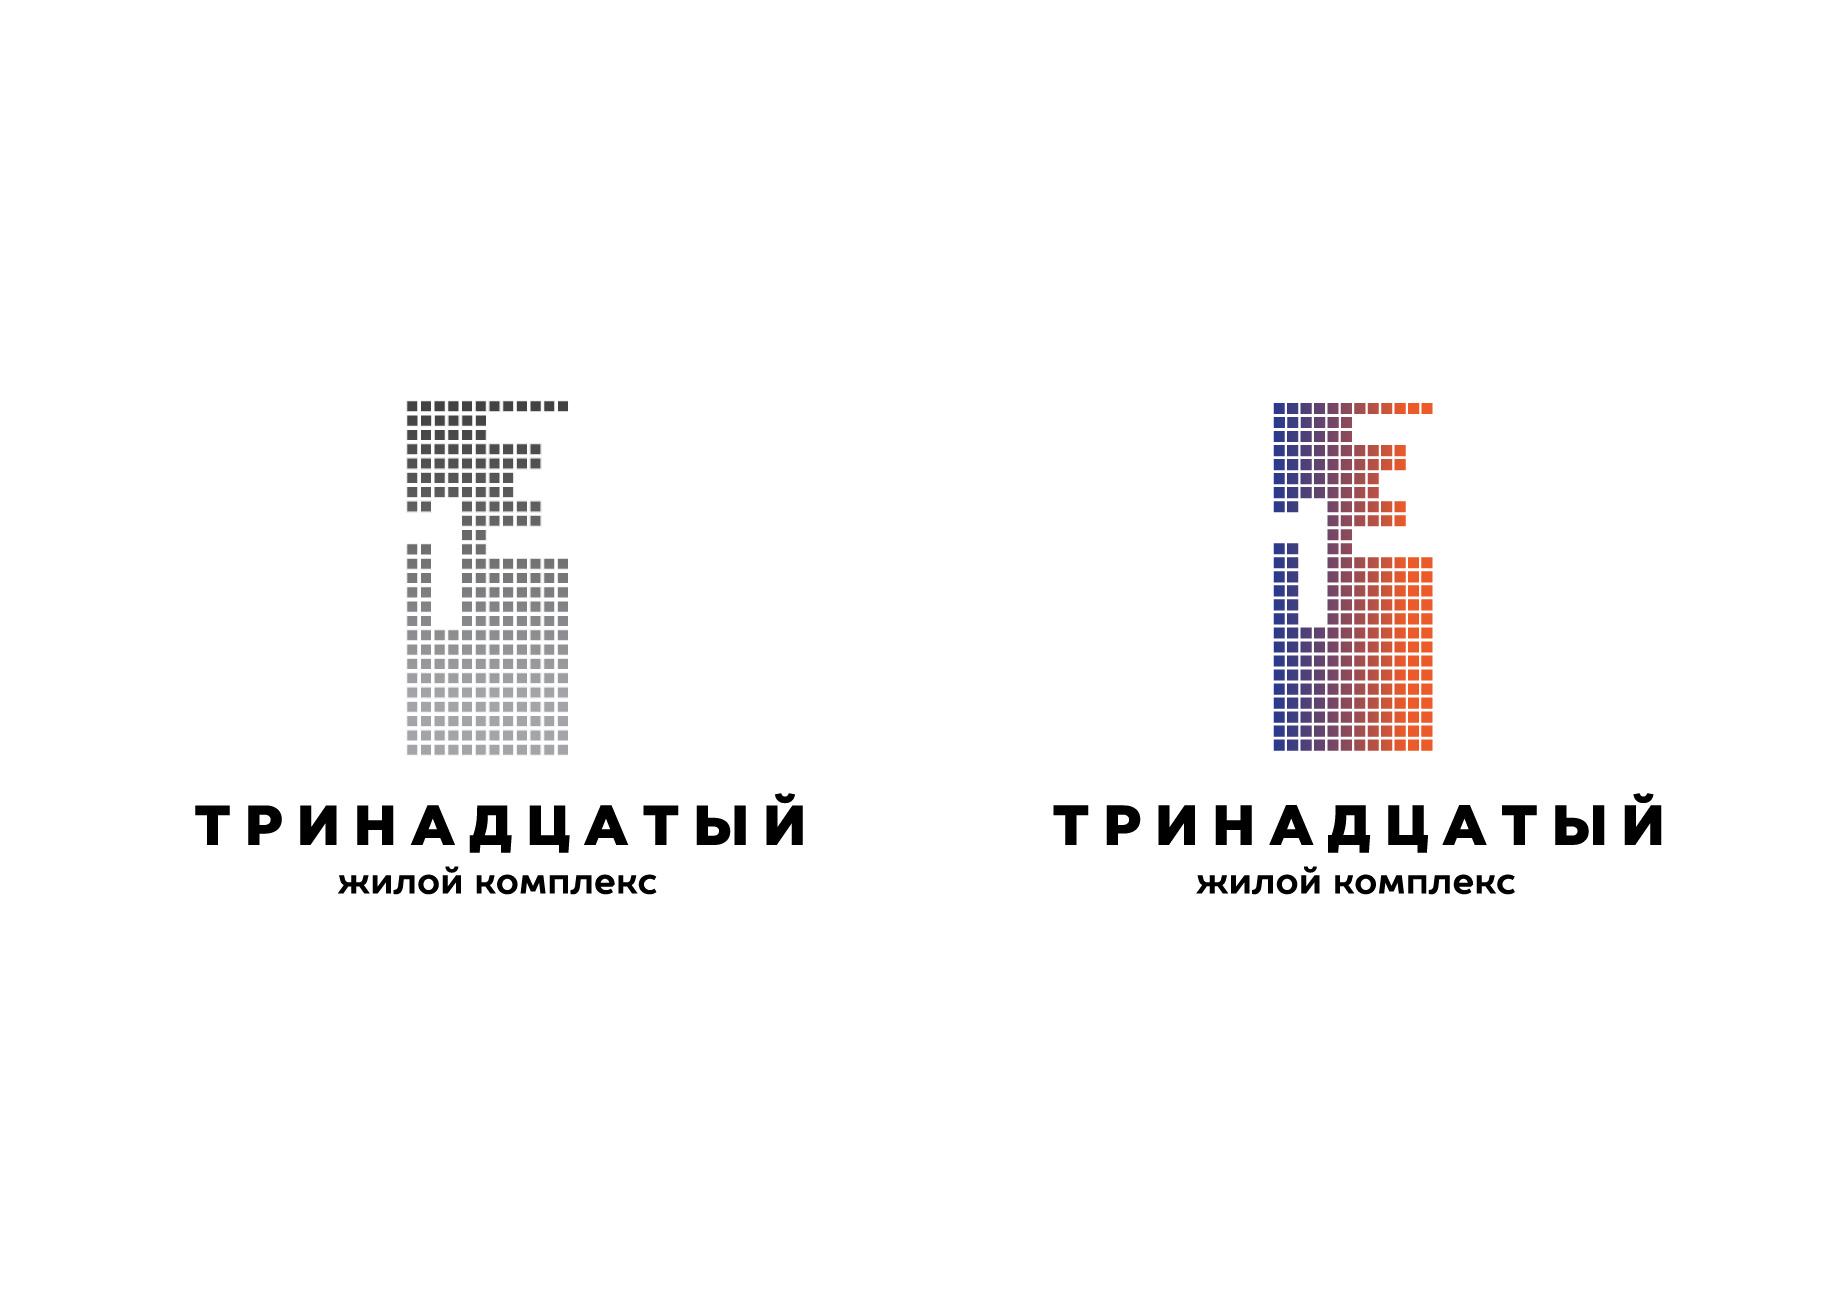 Разработка логотипа и фирменный стиль фото f_548596f4eaf800f1.jpg